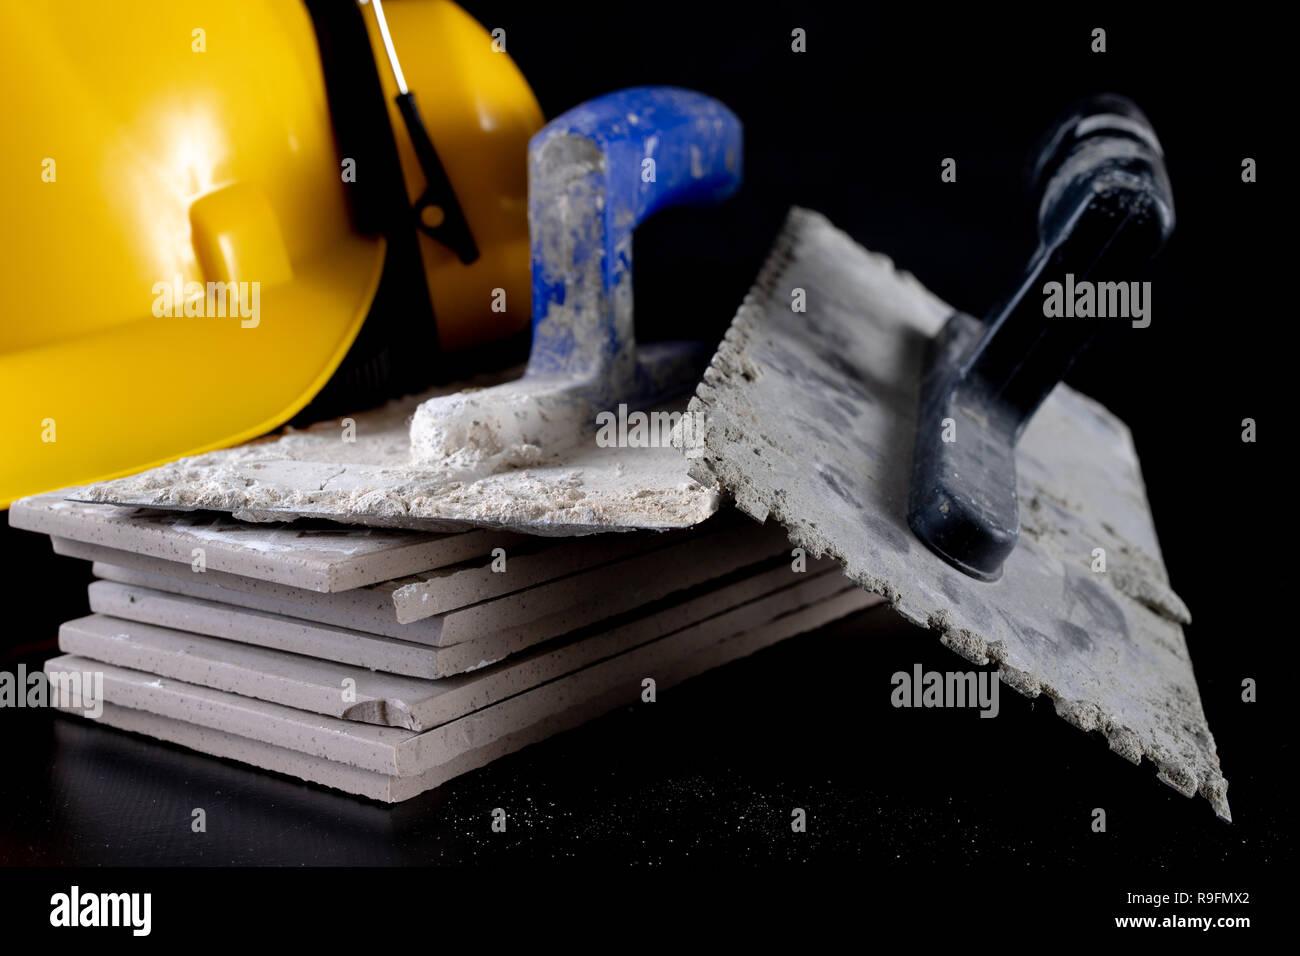 Werkzeuge Fur Die Verlegung Von Fliesen Und Einen Helm Auf Einem